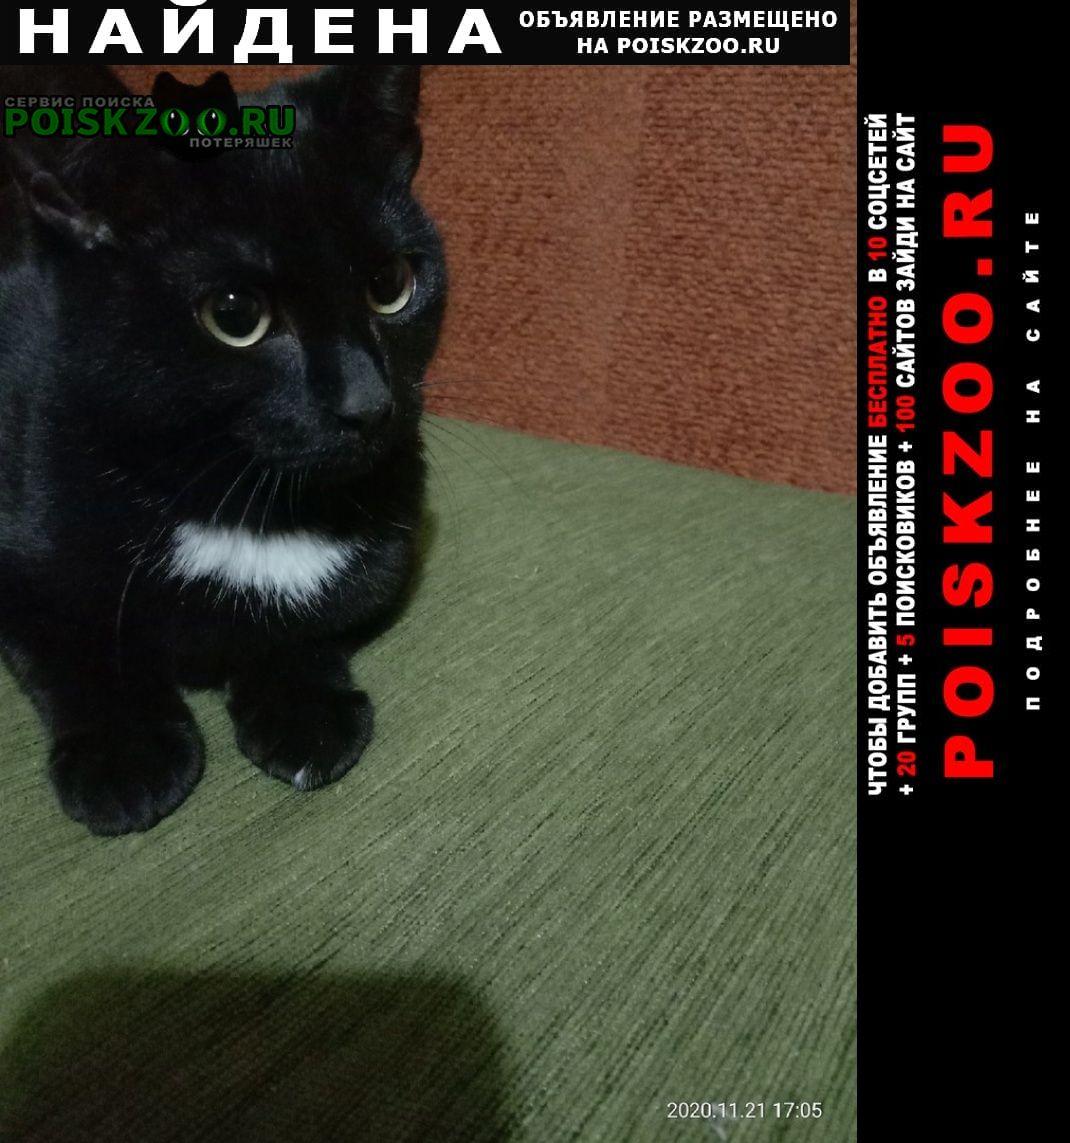 Найден кот Екатеринбург